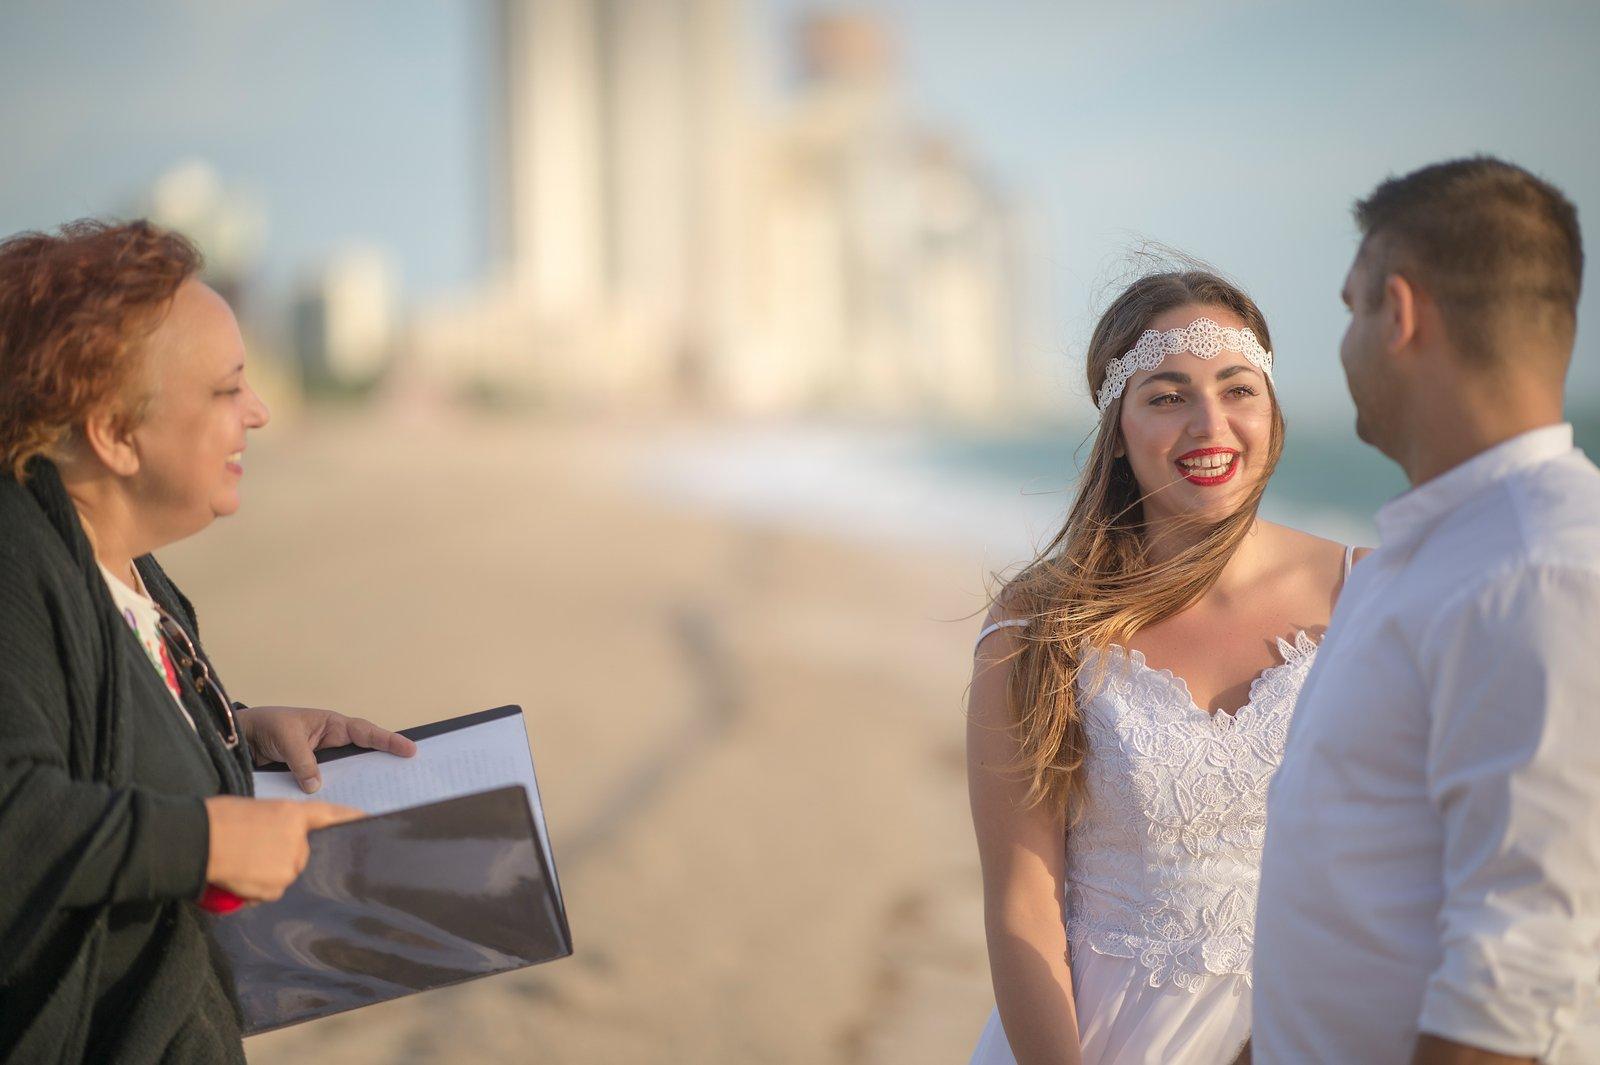 külföldi esküvő szervezése, tengerparti esküvő olaszországban, tengerparti esküvő európában, esküvő külföldön olcsón